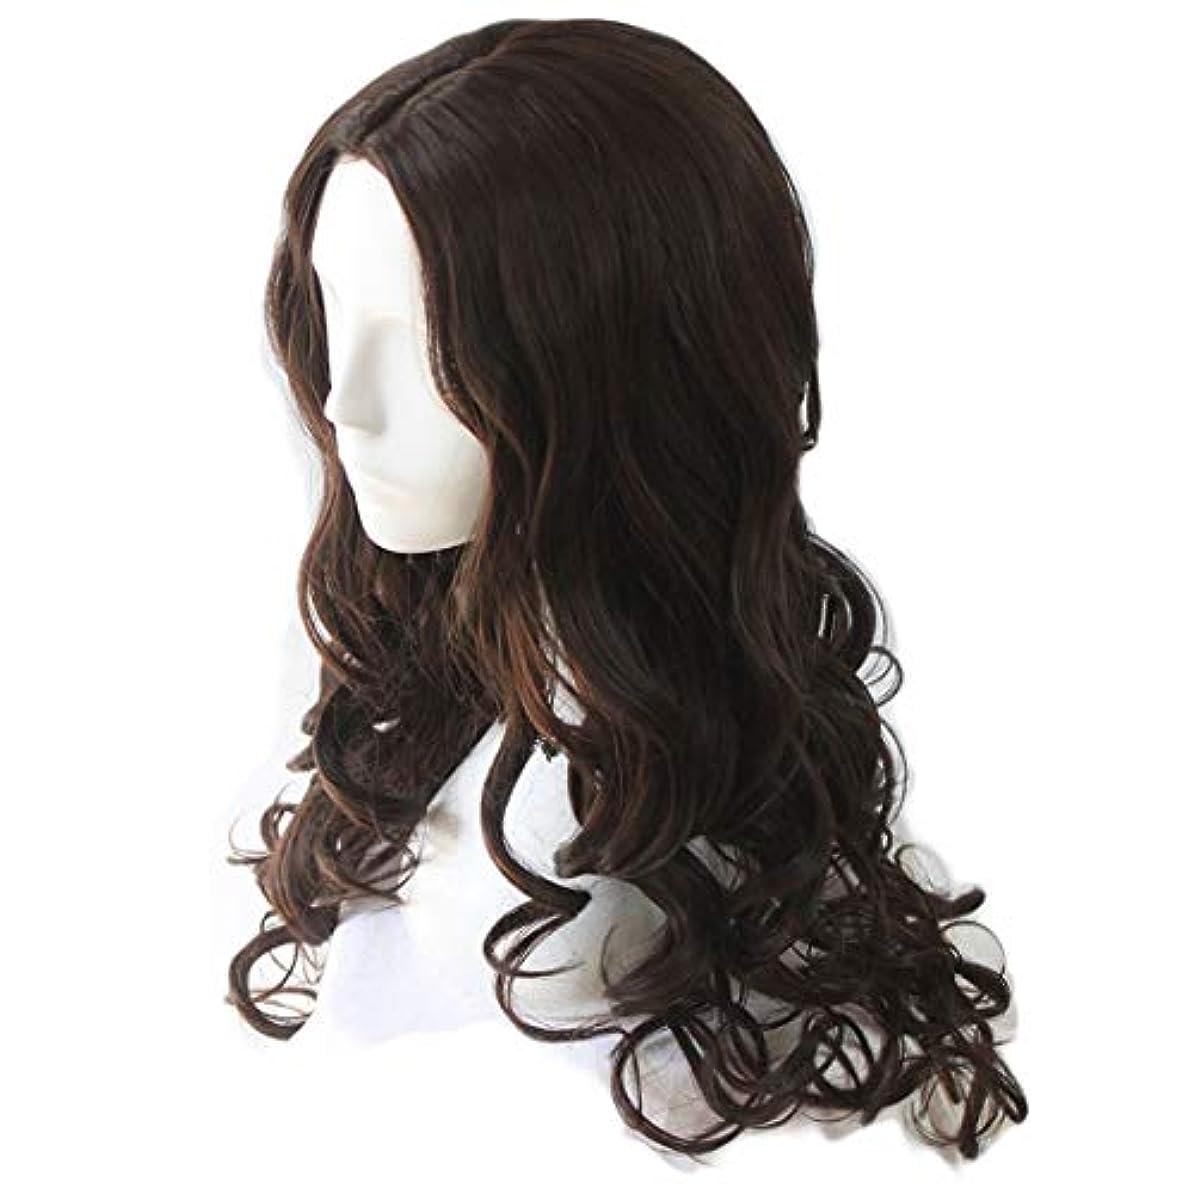 旋律的任命するクラッチJIANFU レディース ウィッグ コスプレ 長い 巻き髪 ビッグ ウェーブ 耐熱 ウィッグ (Color : Black-brown)